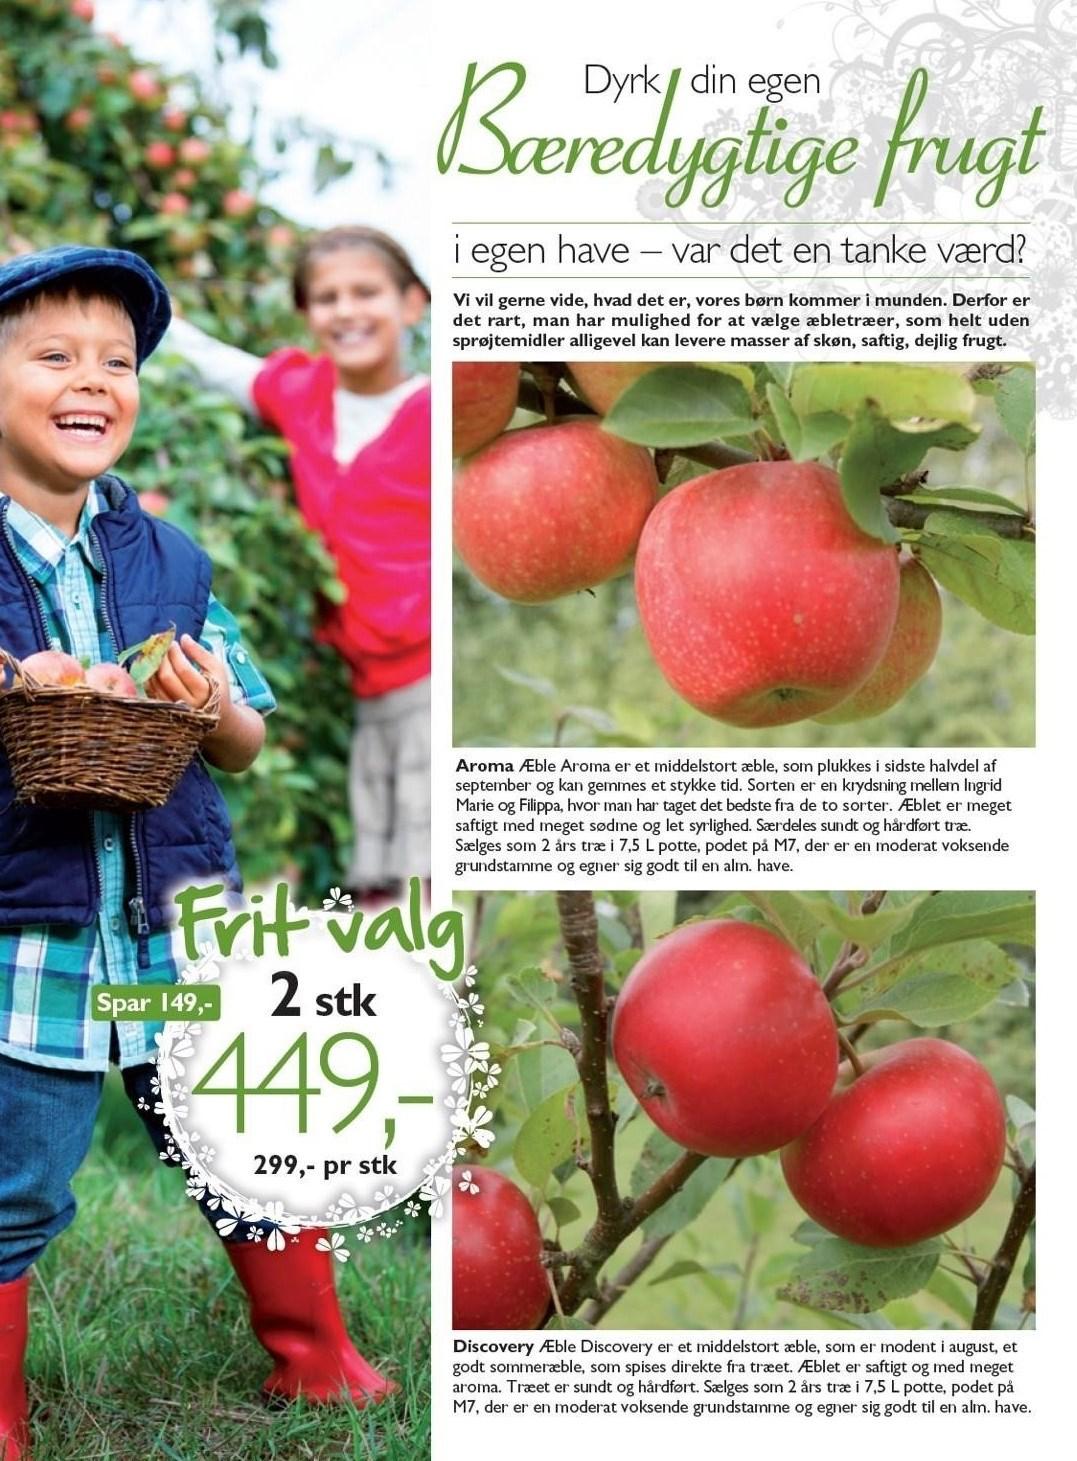 Aroma eller Discovery æbletræ 2 stk.